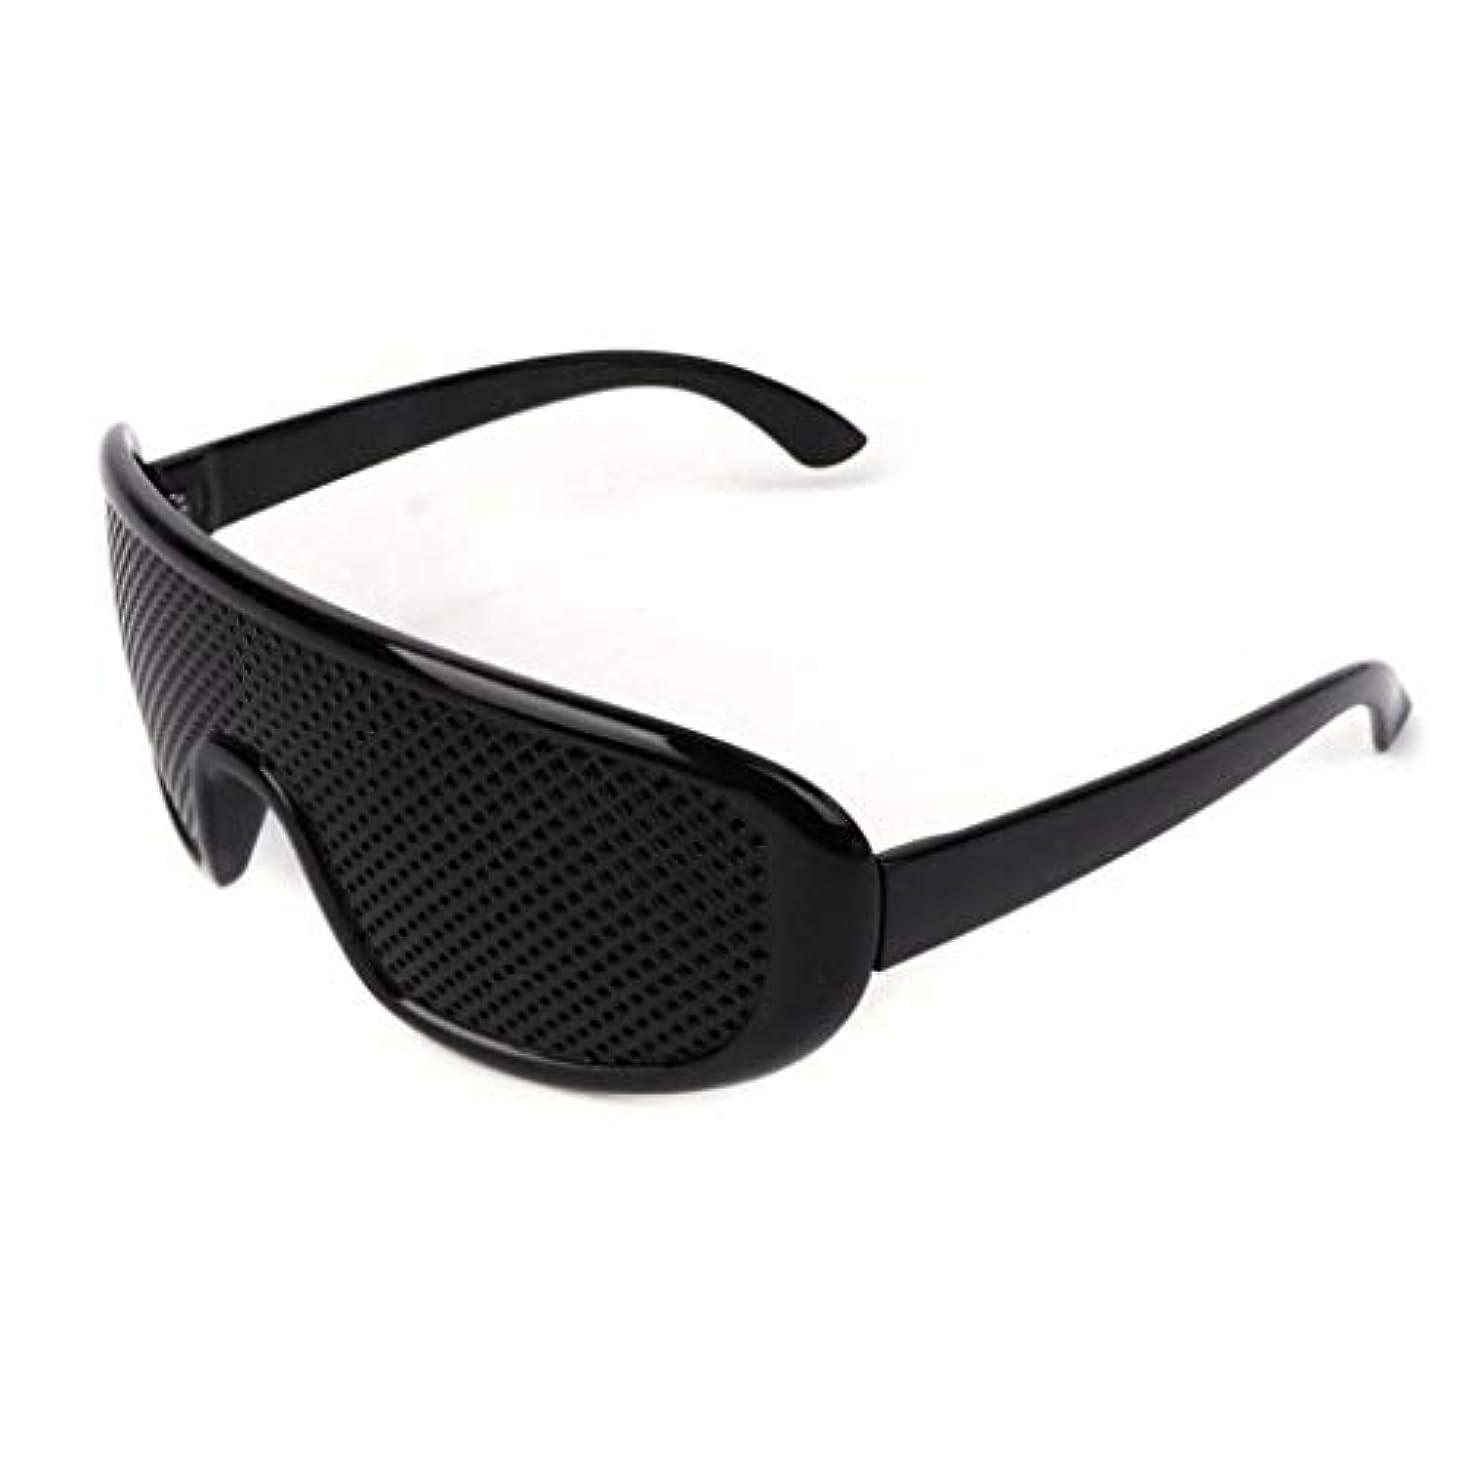 伝染性の手足縮約ピンホールメガネ、視力矯正メガネ網状視力保護メガネ耐疲労性メガネ近視の防止メガネの改善